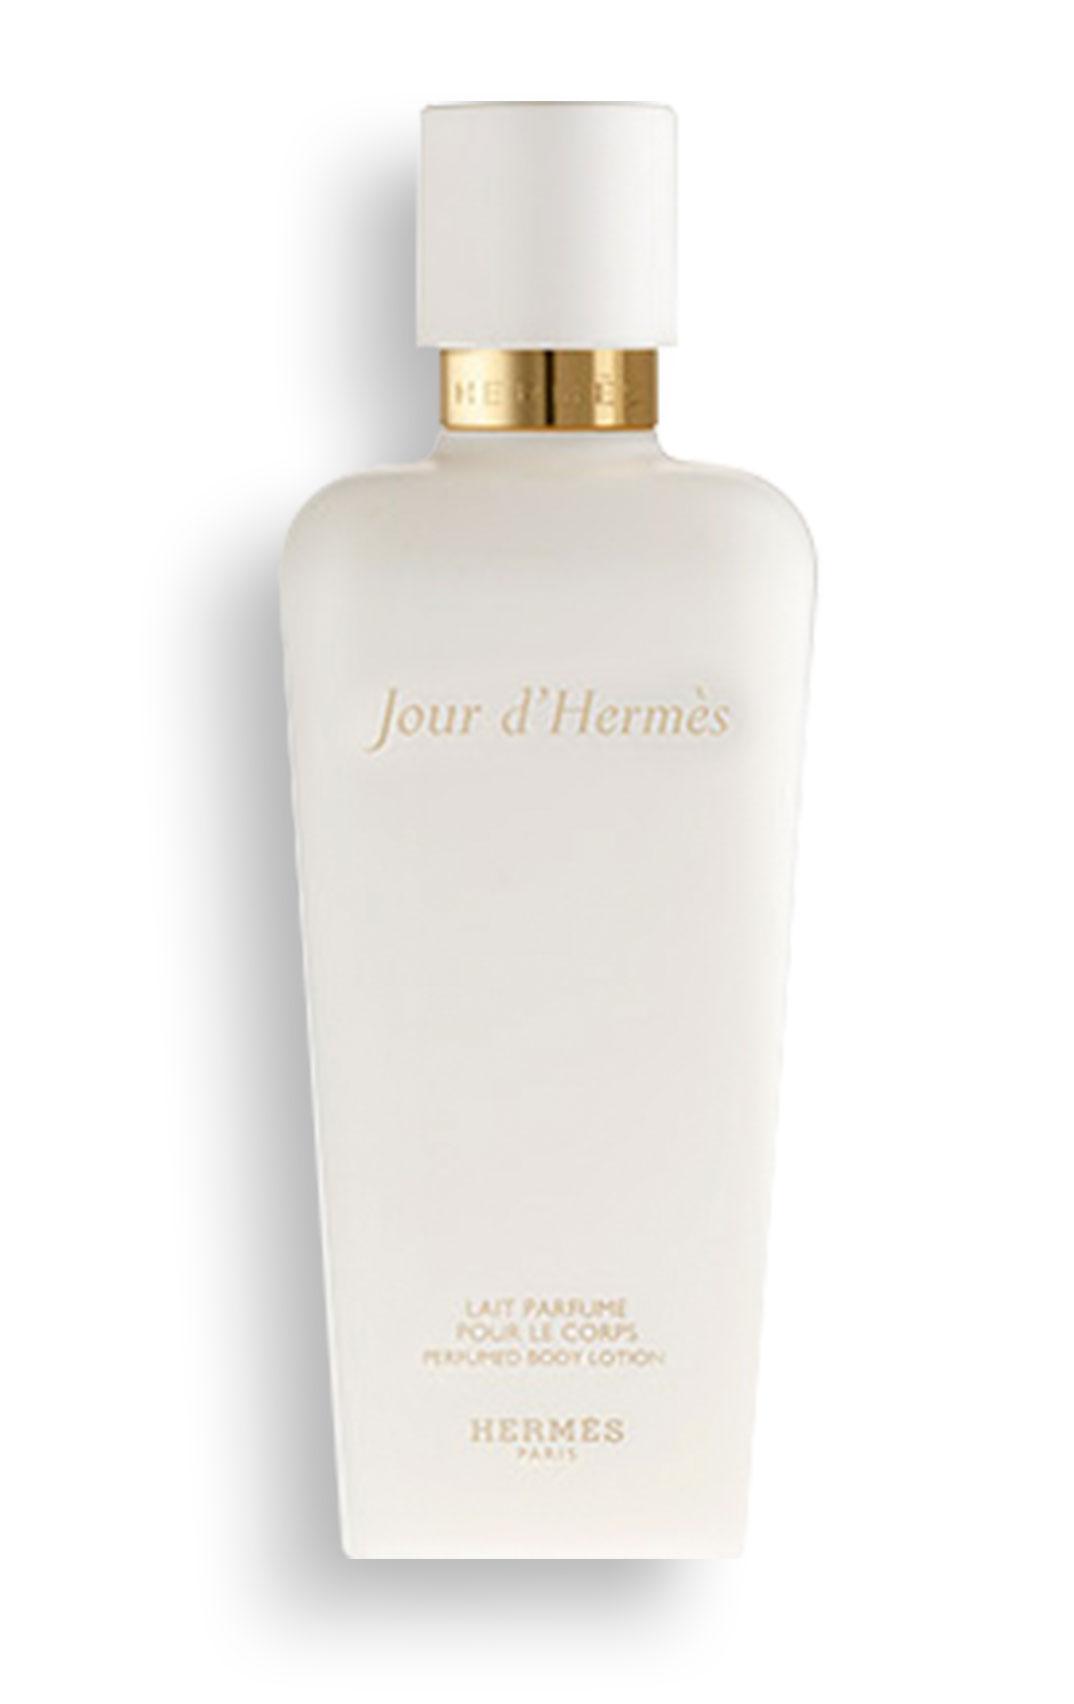 Hermès - Jour d'Hermès - Lait parfumé pour le corps 200 ml.